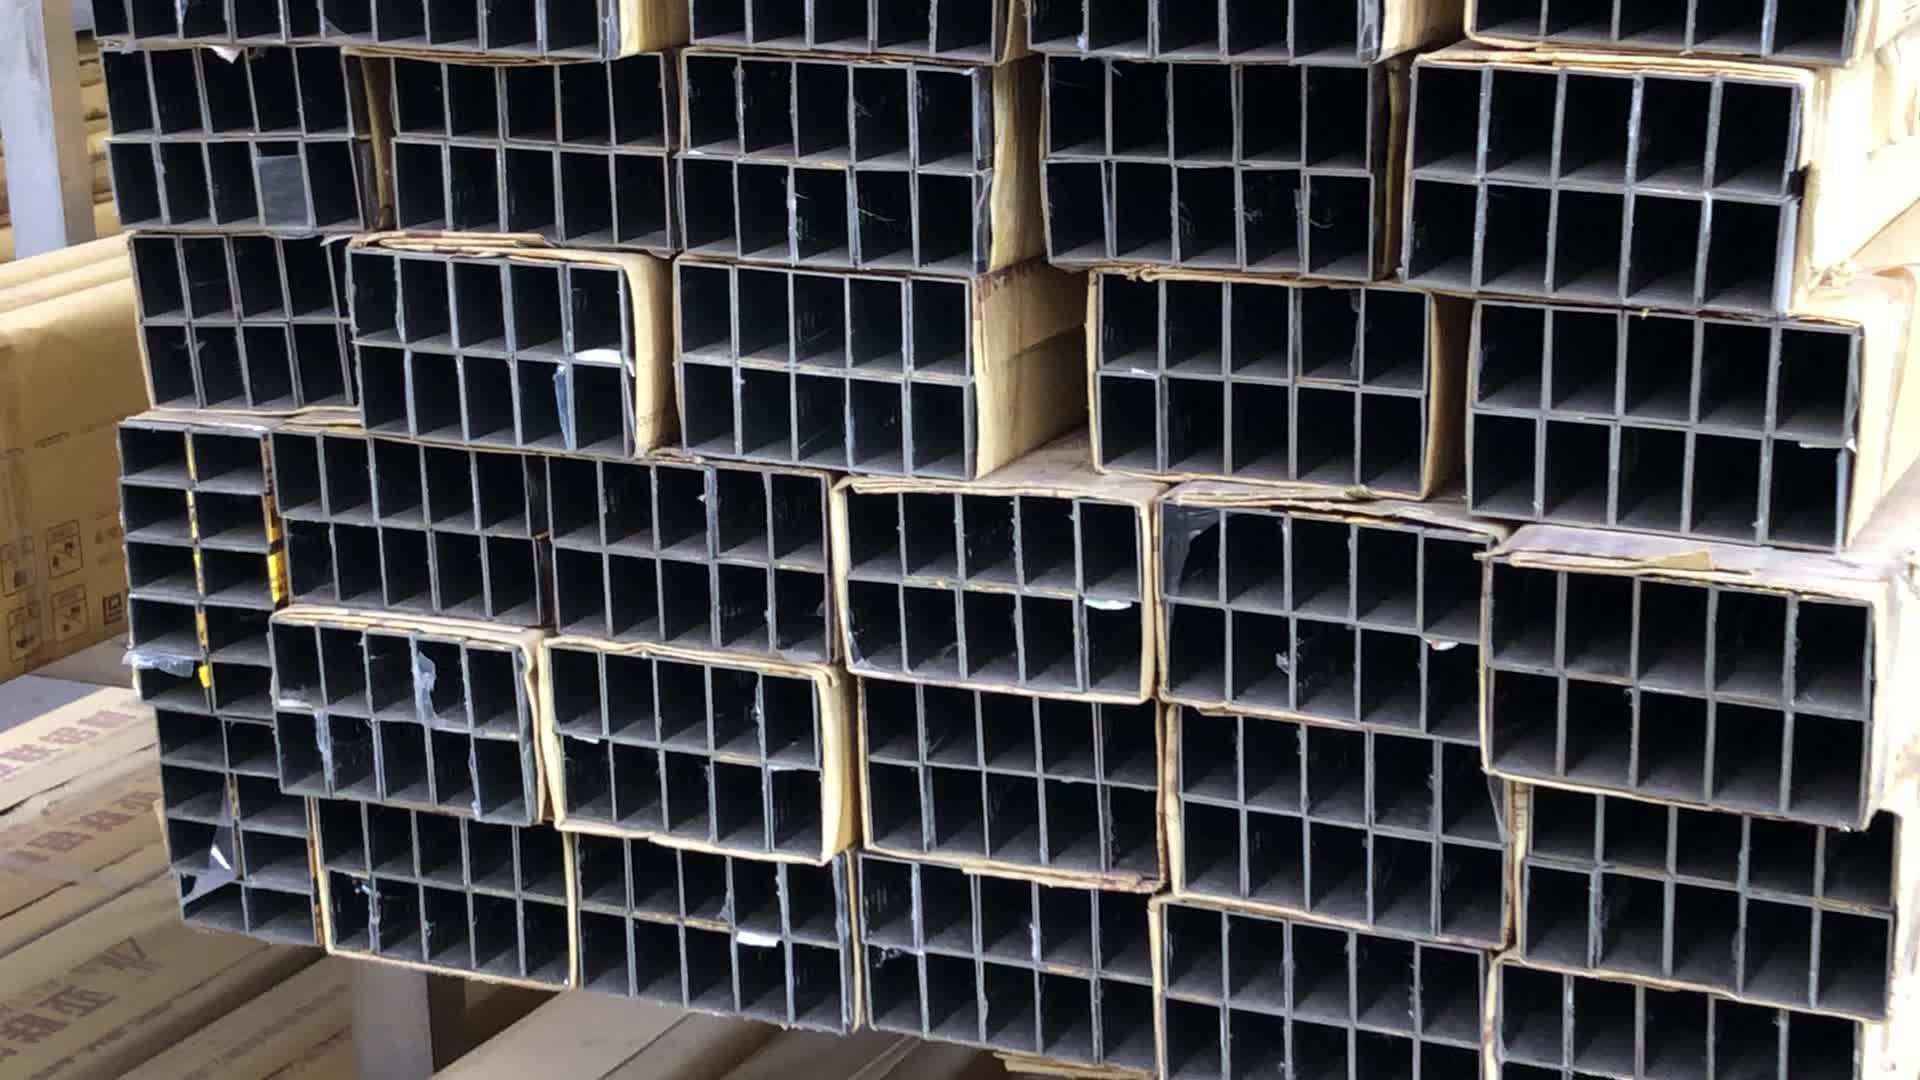 China Suppliers 300mm Diameter Aluminium Tube ,6063 6061 Anodized Aluminum Pipe